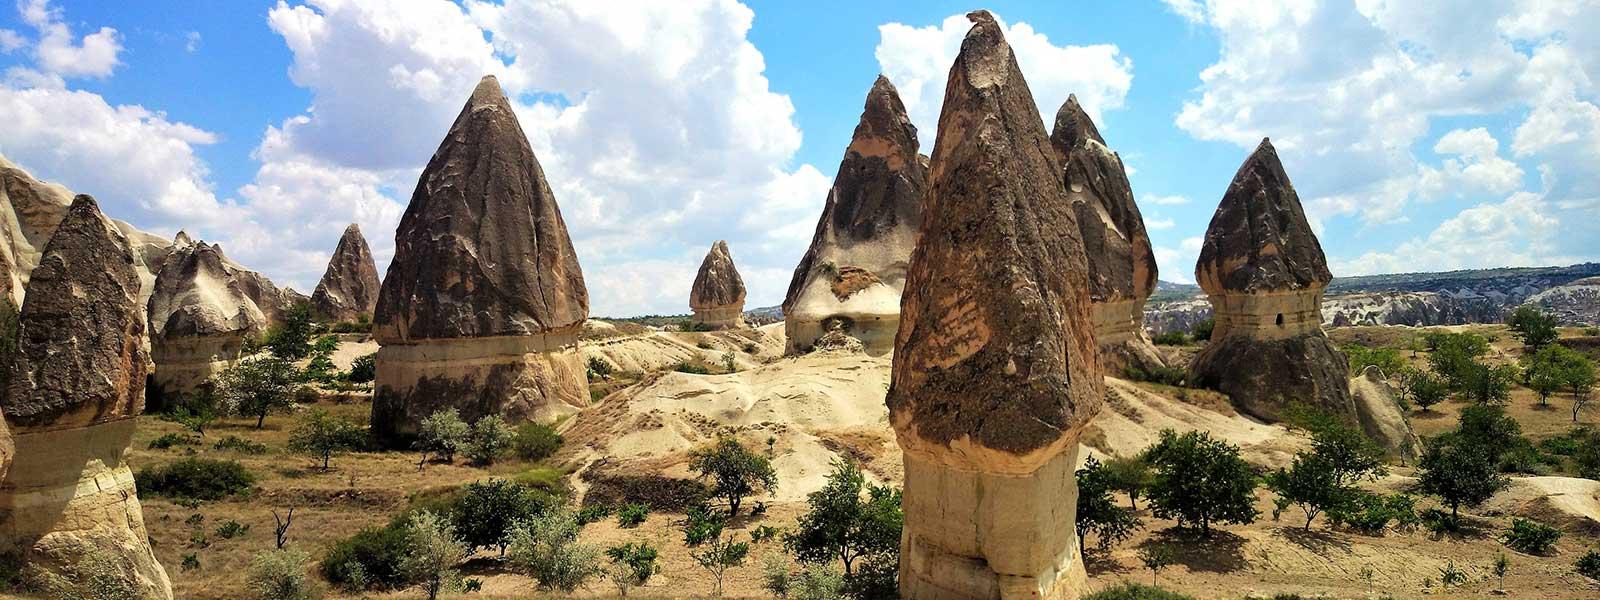 Swords Valley Cappadocia